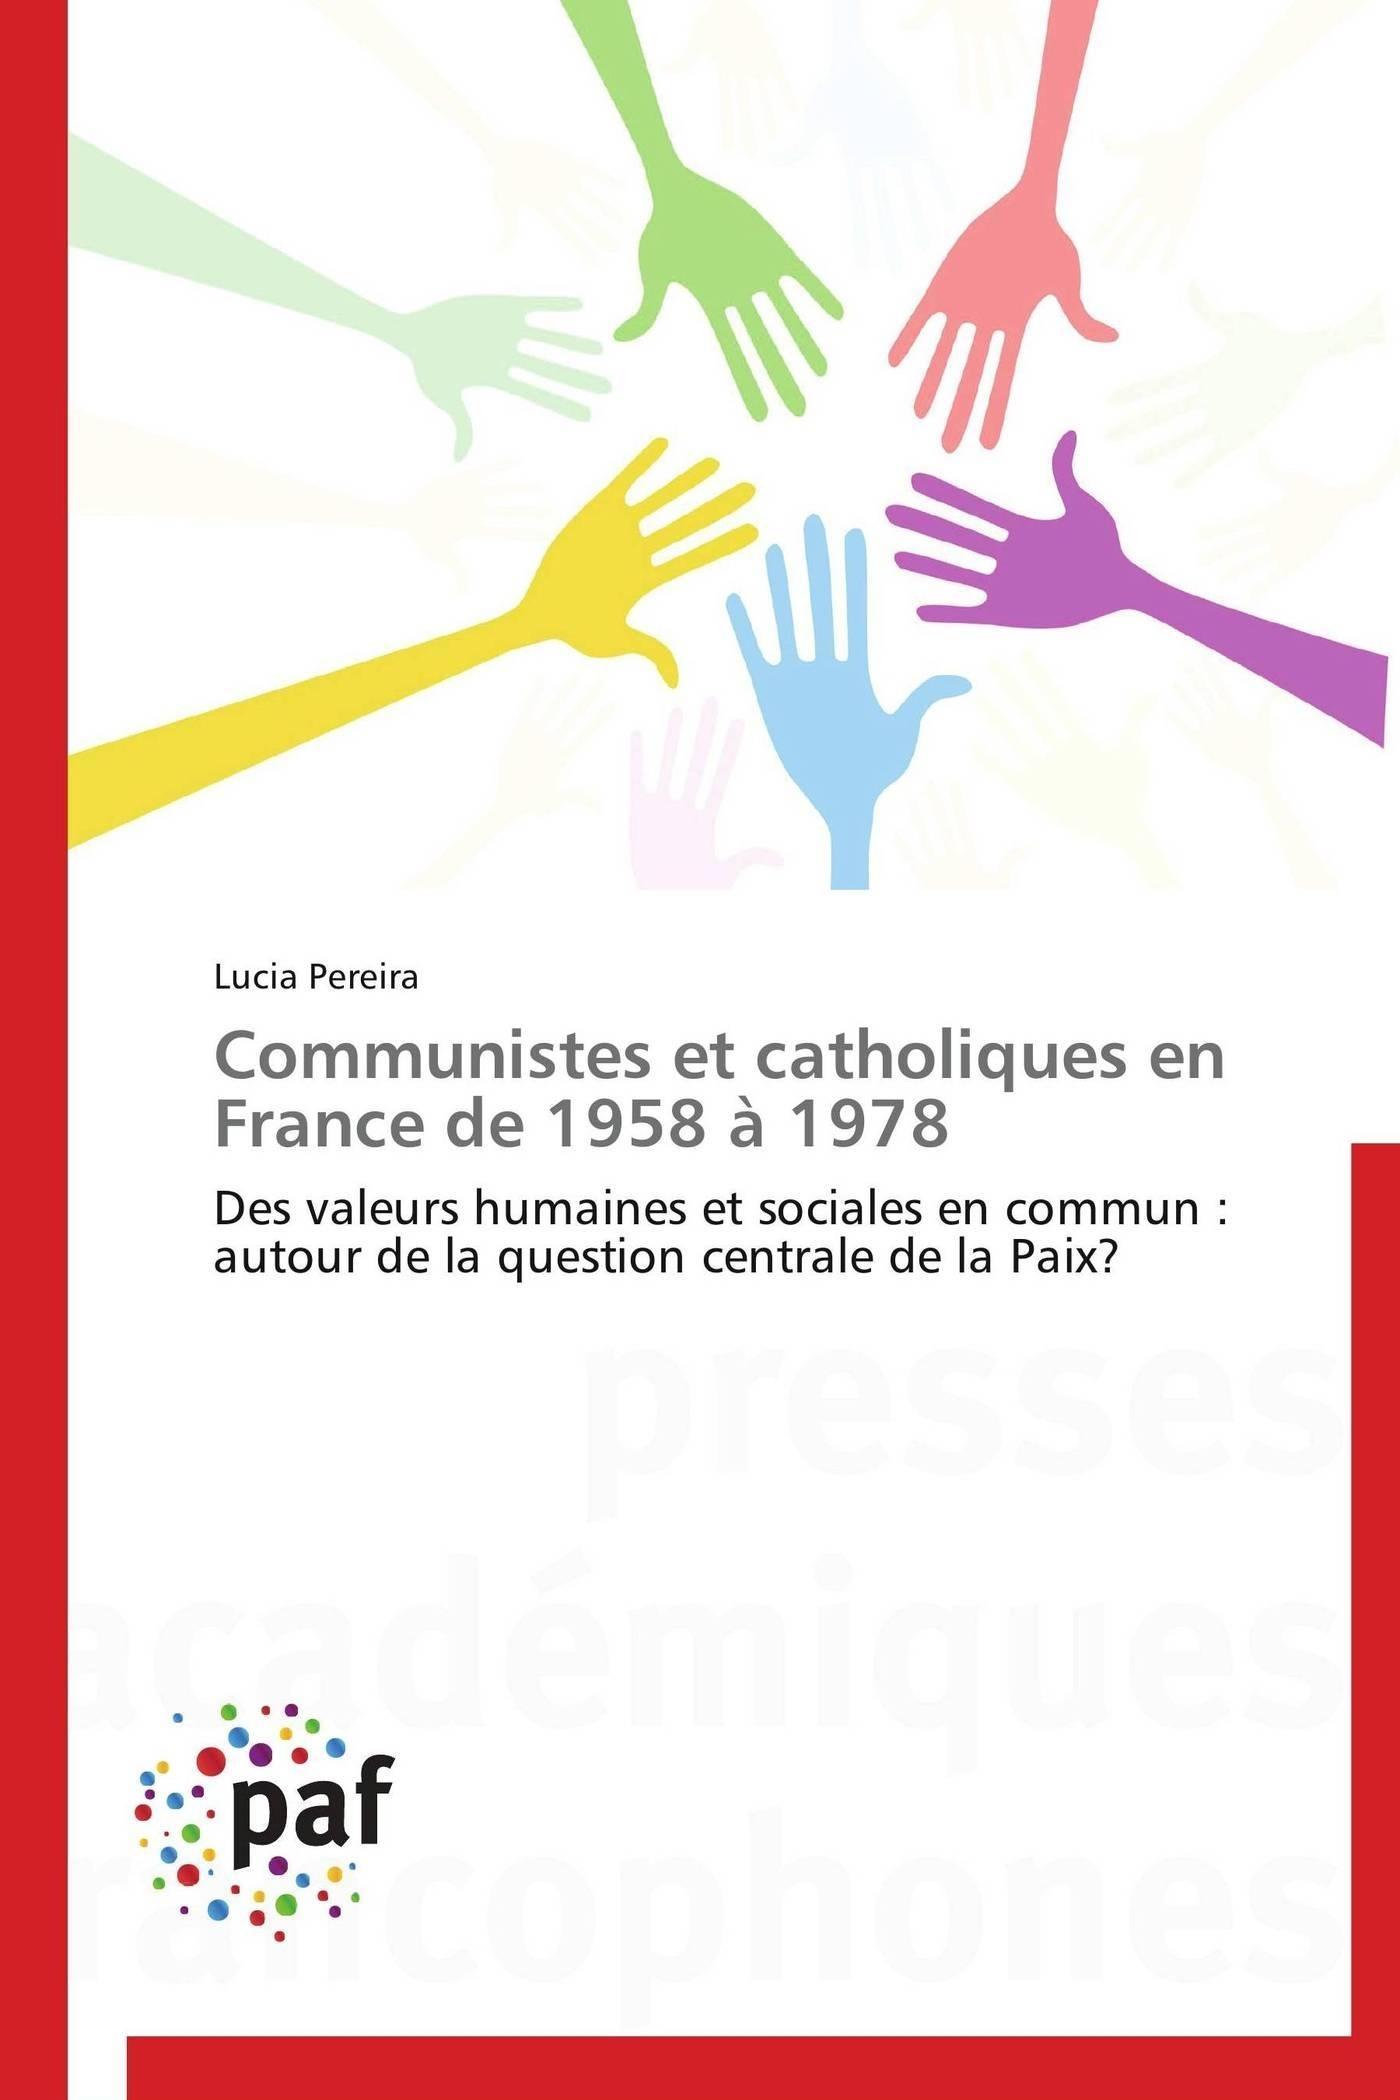 COMMUNISTES ET CATHOLIQUES EN FRANCE DE 1958 A 1978